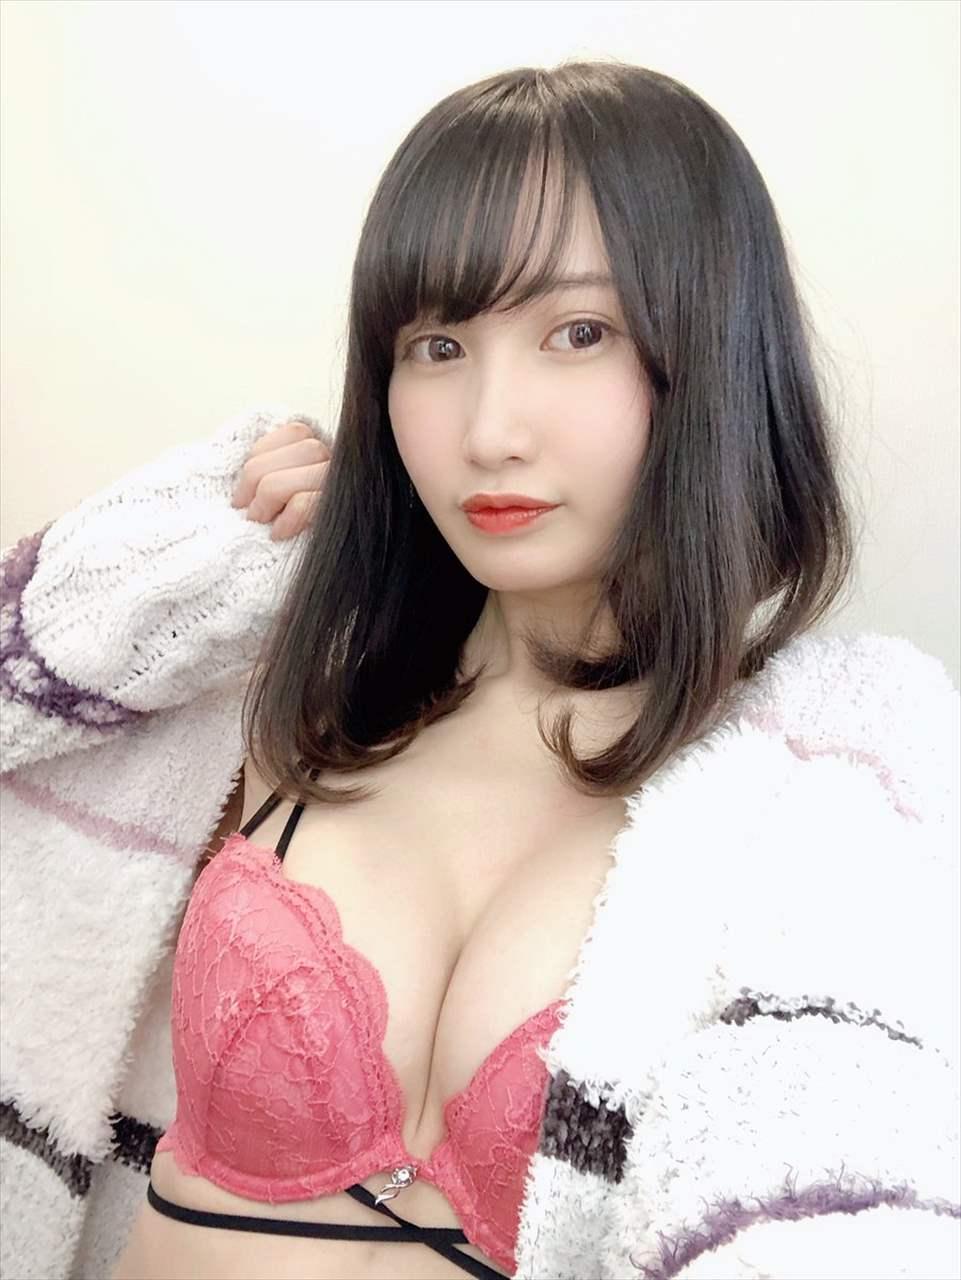 Amakawa Sora 天川そら